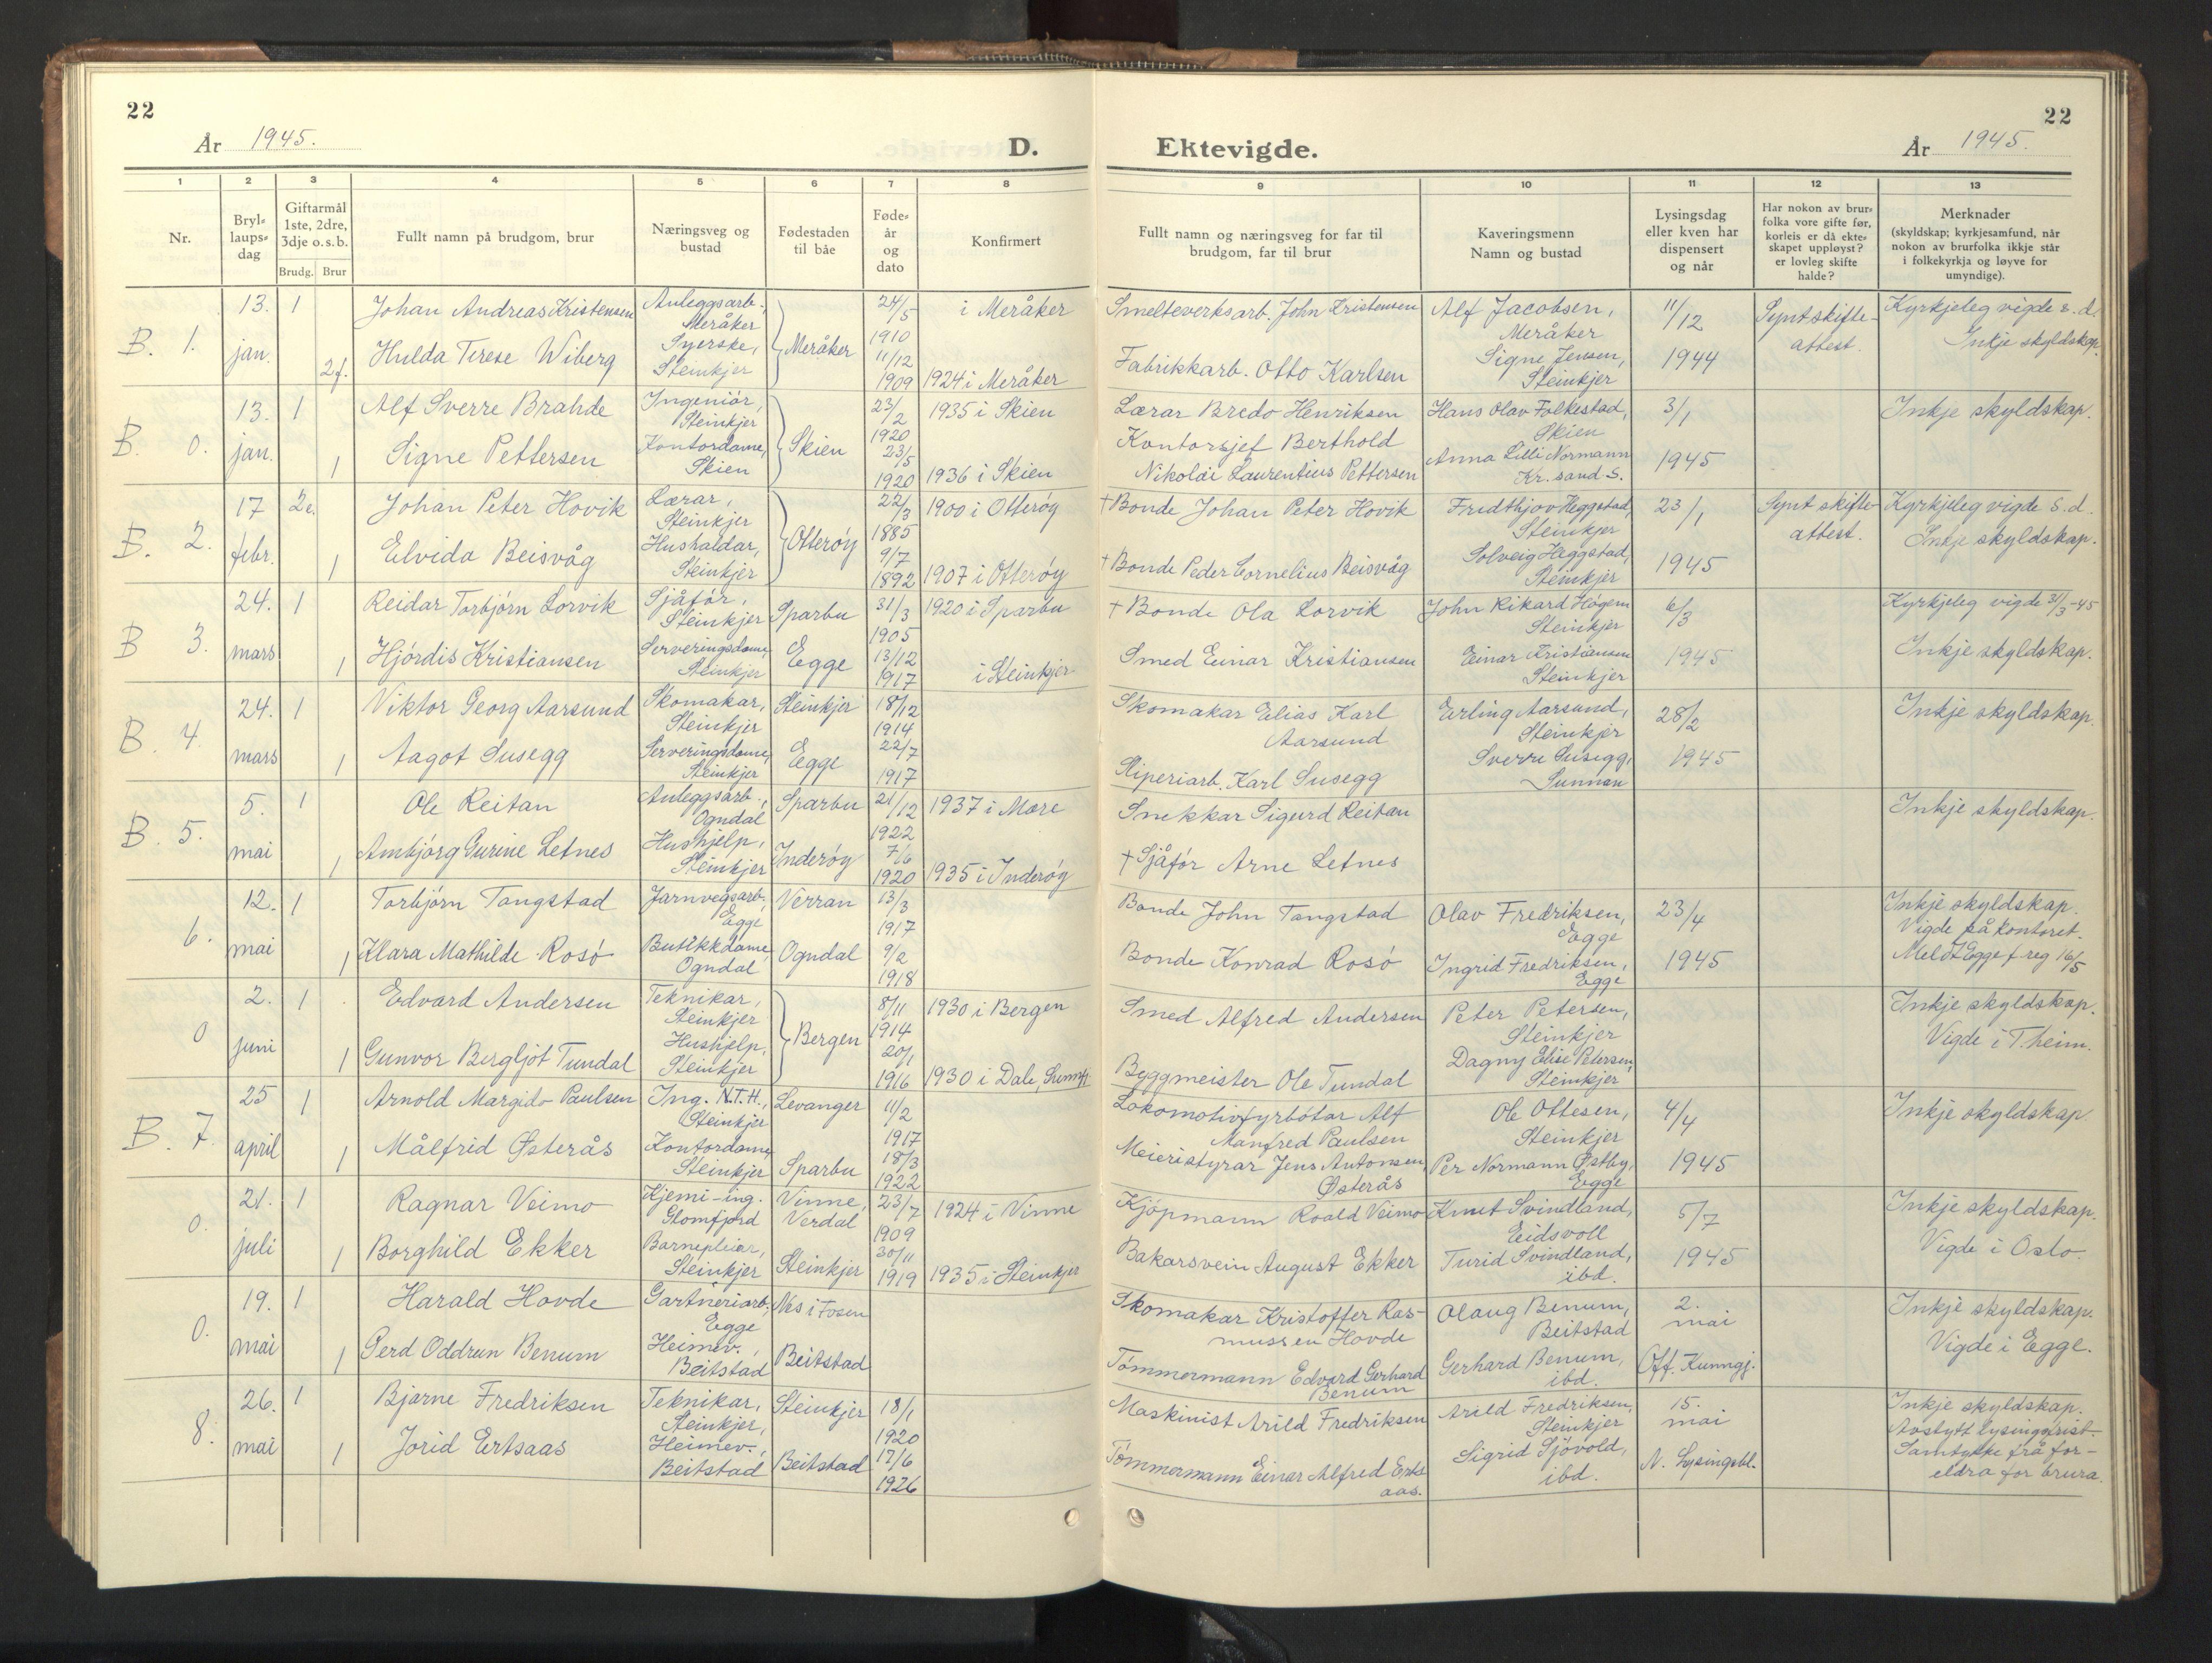 SAT, Ministerialprotokoller, klokkerbøker og fødselsregistre - Nord-Trøndelag, 739/L0377: Klokkerbok nr. 739C05, 1940-1947, s. 22